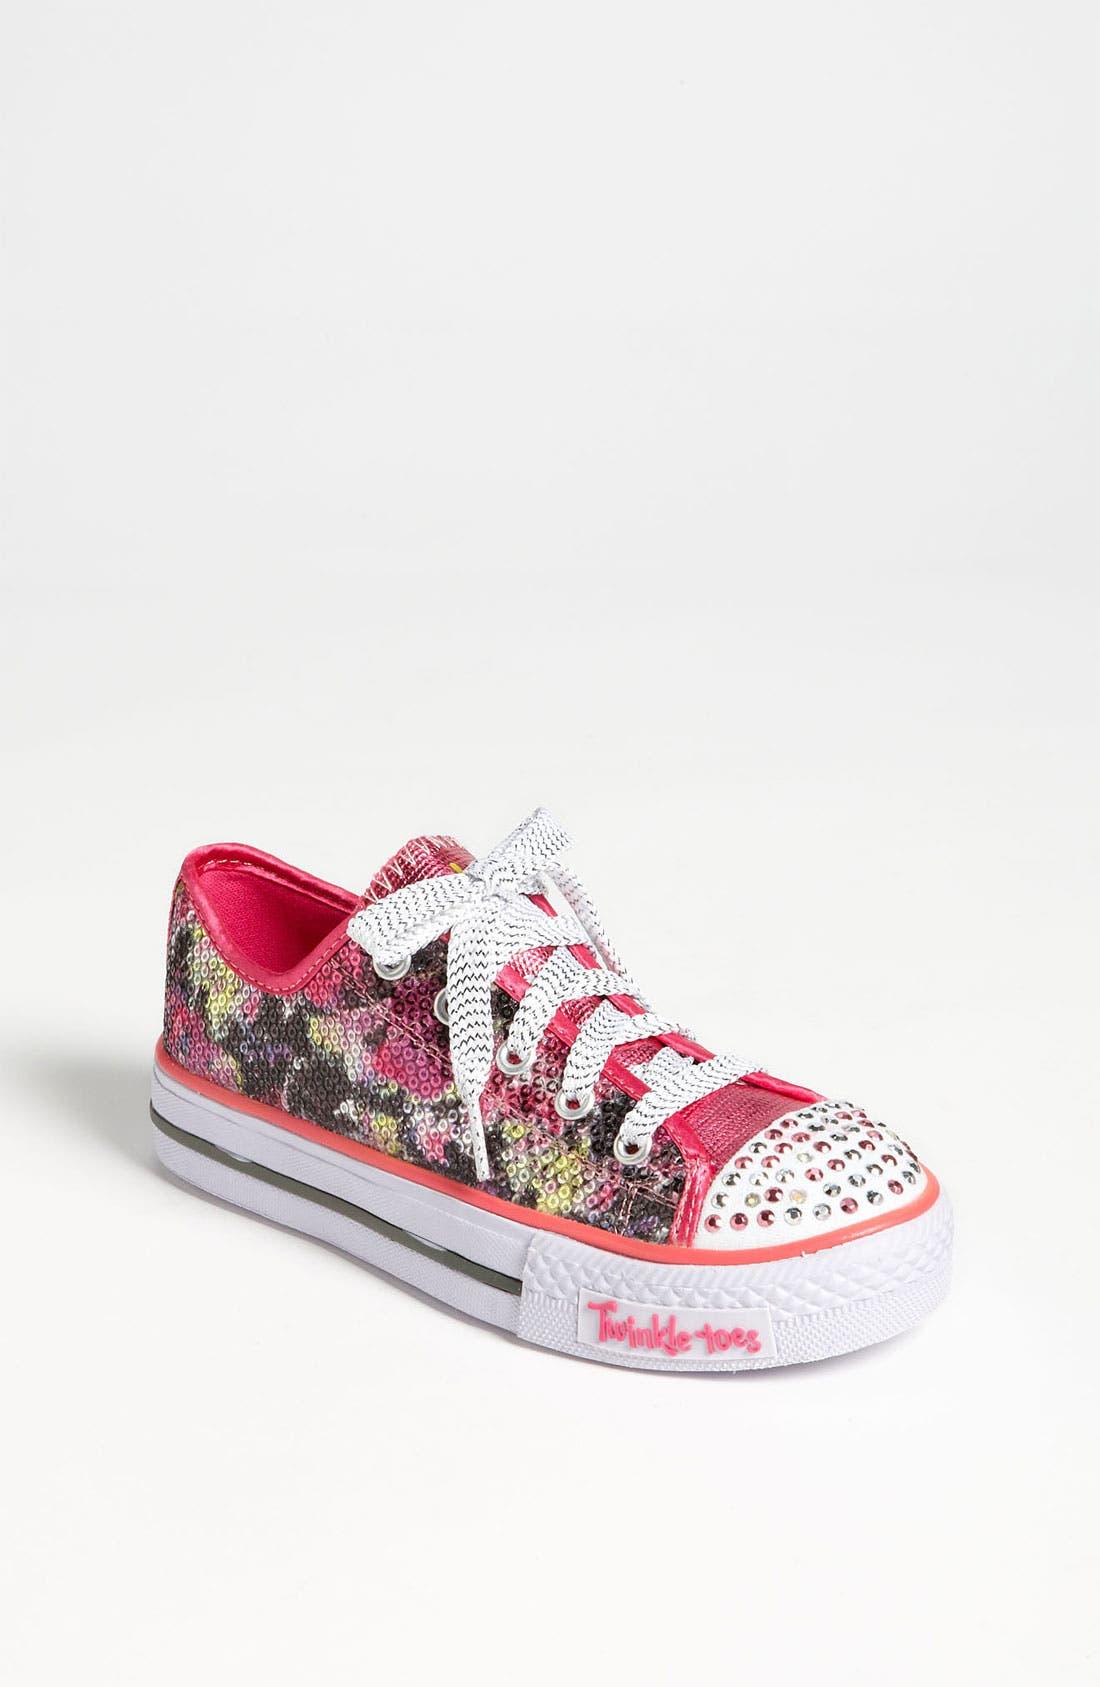 Alternate Image 1 Selected - SKECHERS 'Shuffle Ups' Light-Up Sneaker (Toddler & Little Kid)